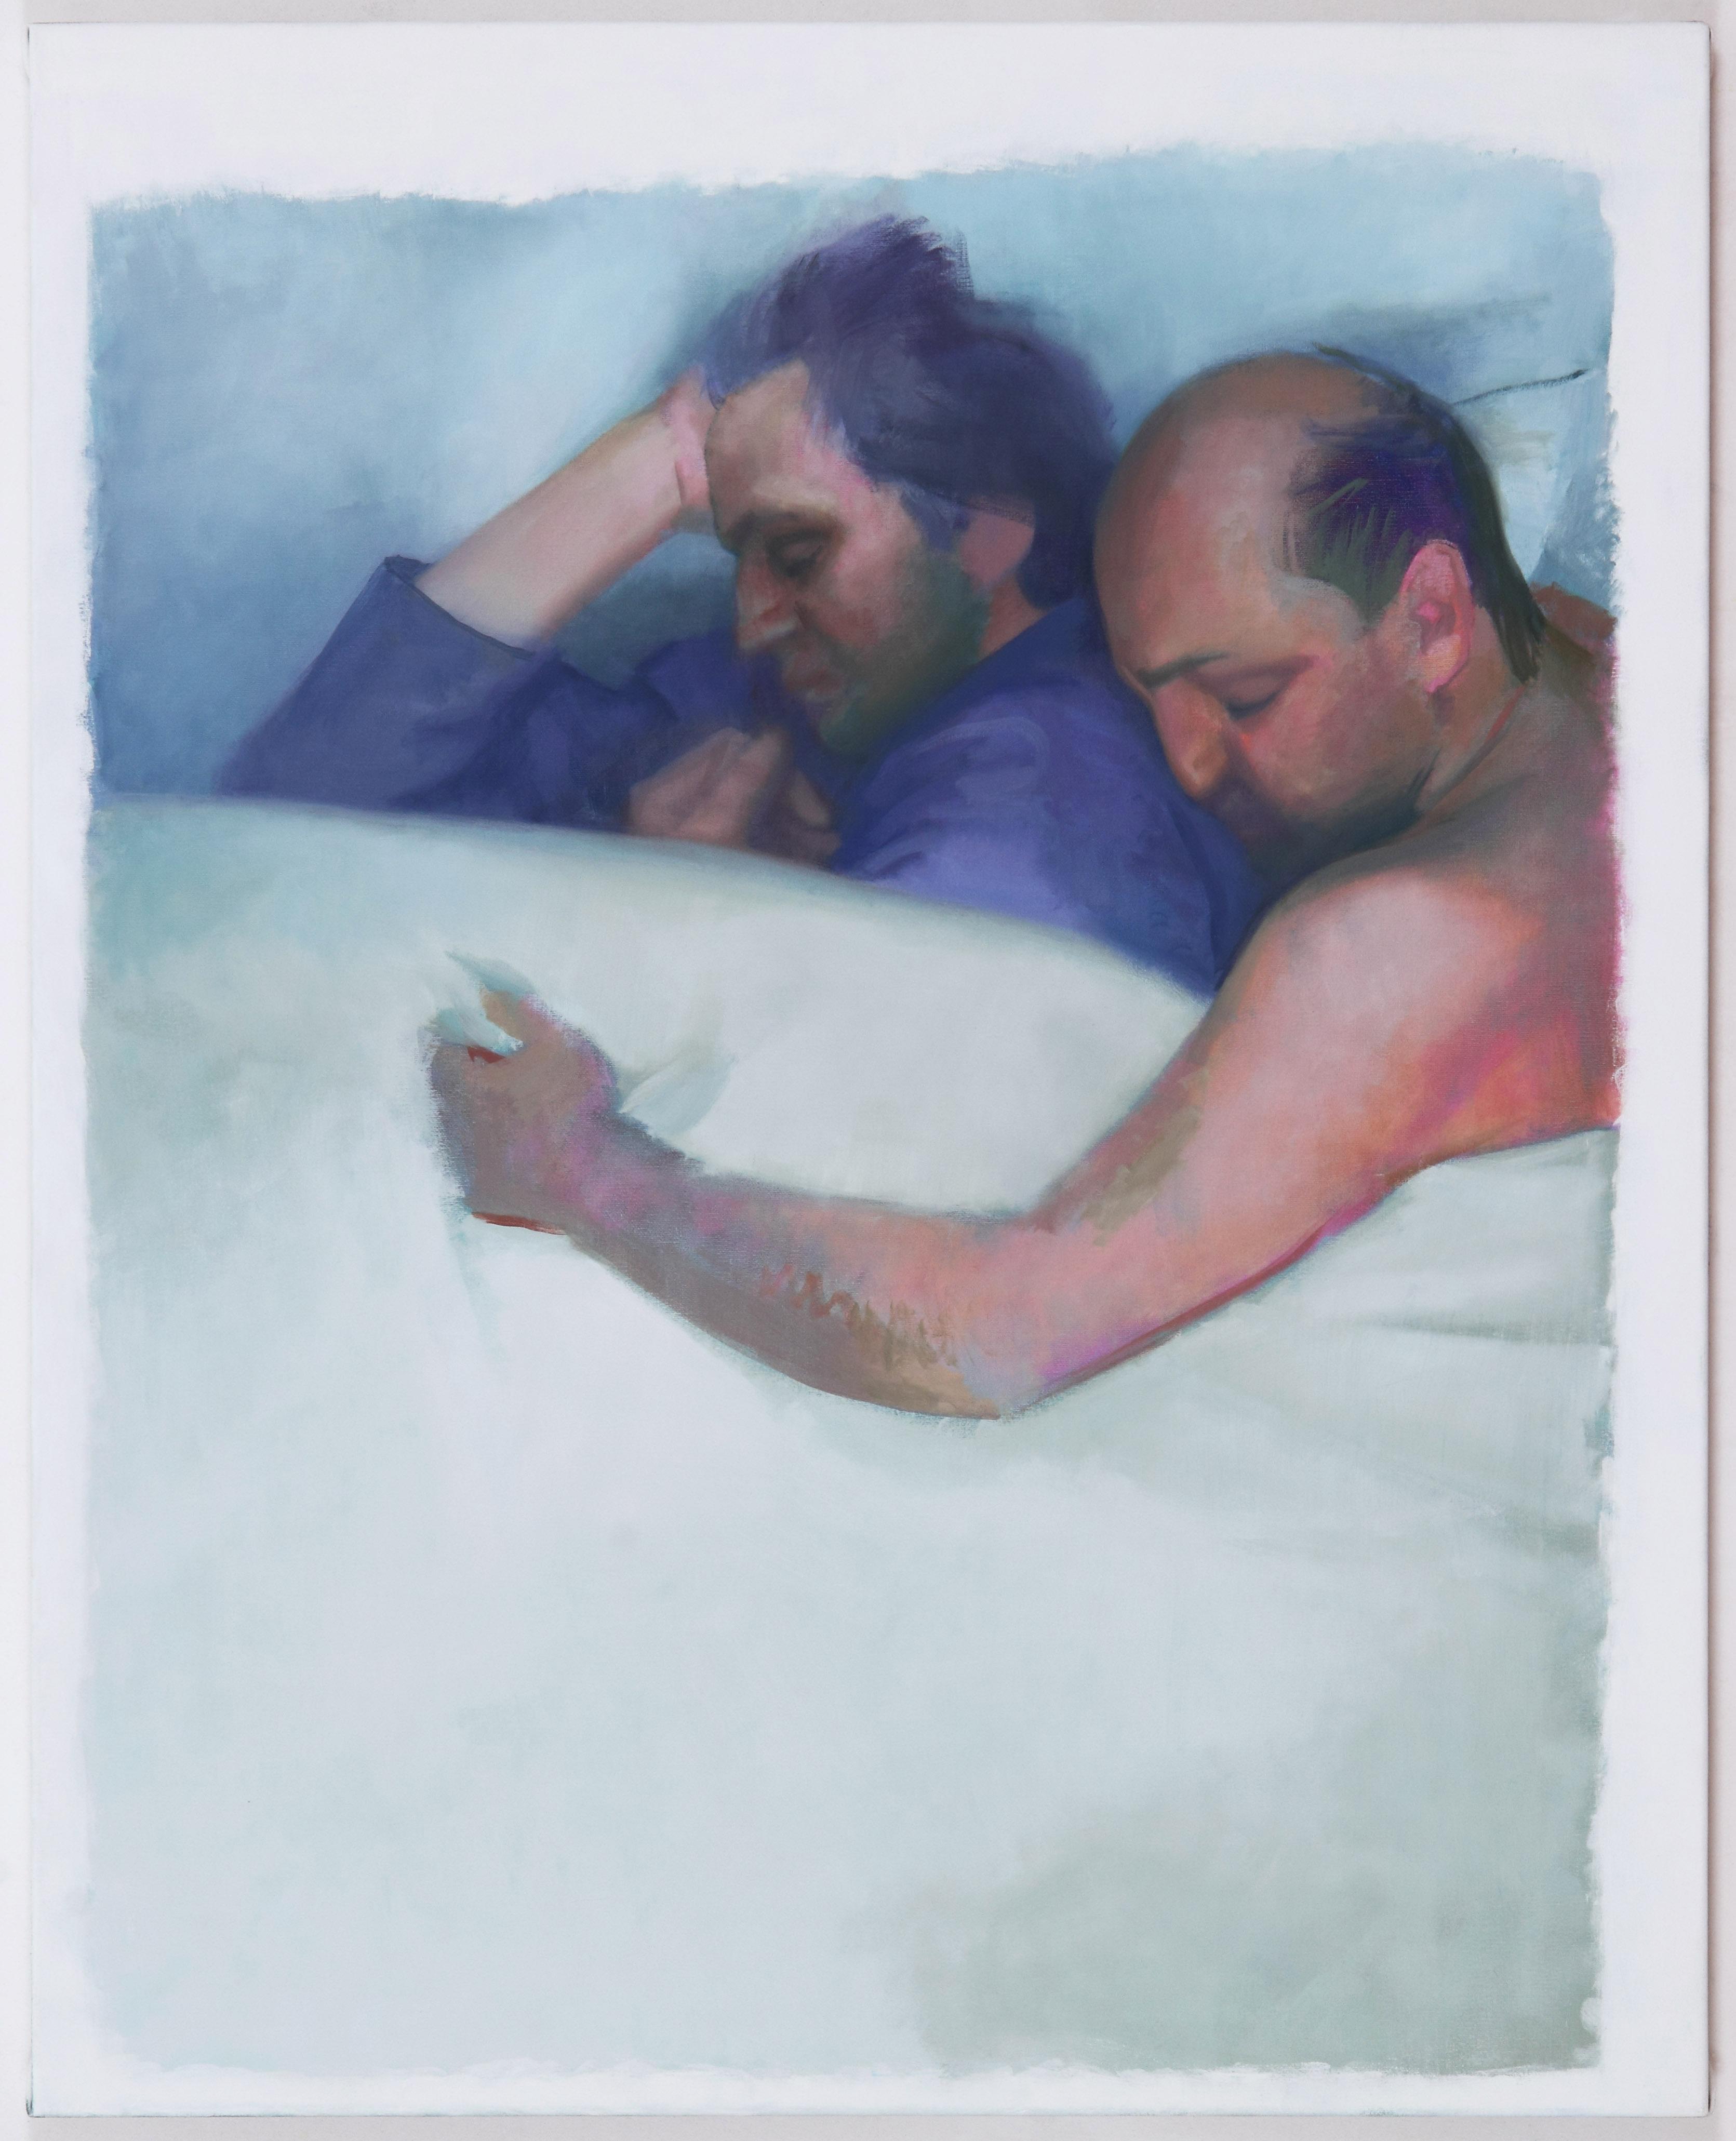 Der Heilige Camillus und der Heilige Goar, 2013, olaj, vászon, 100x80cm